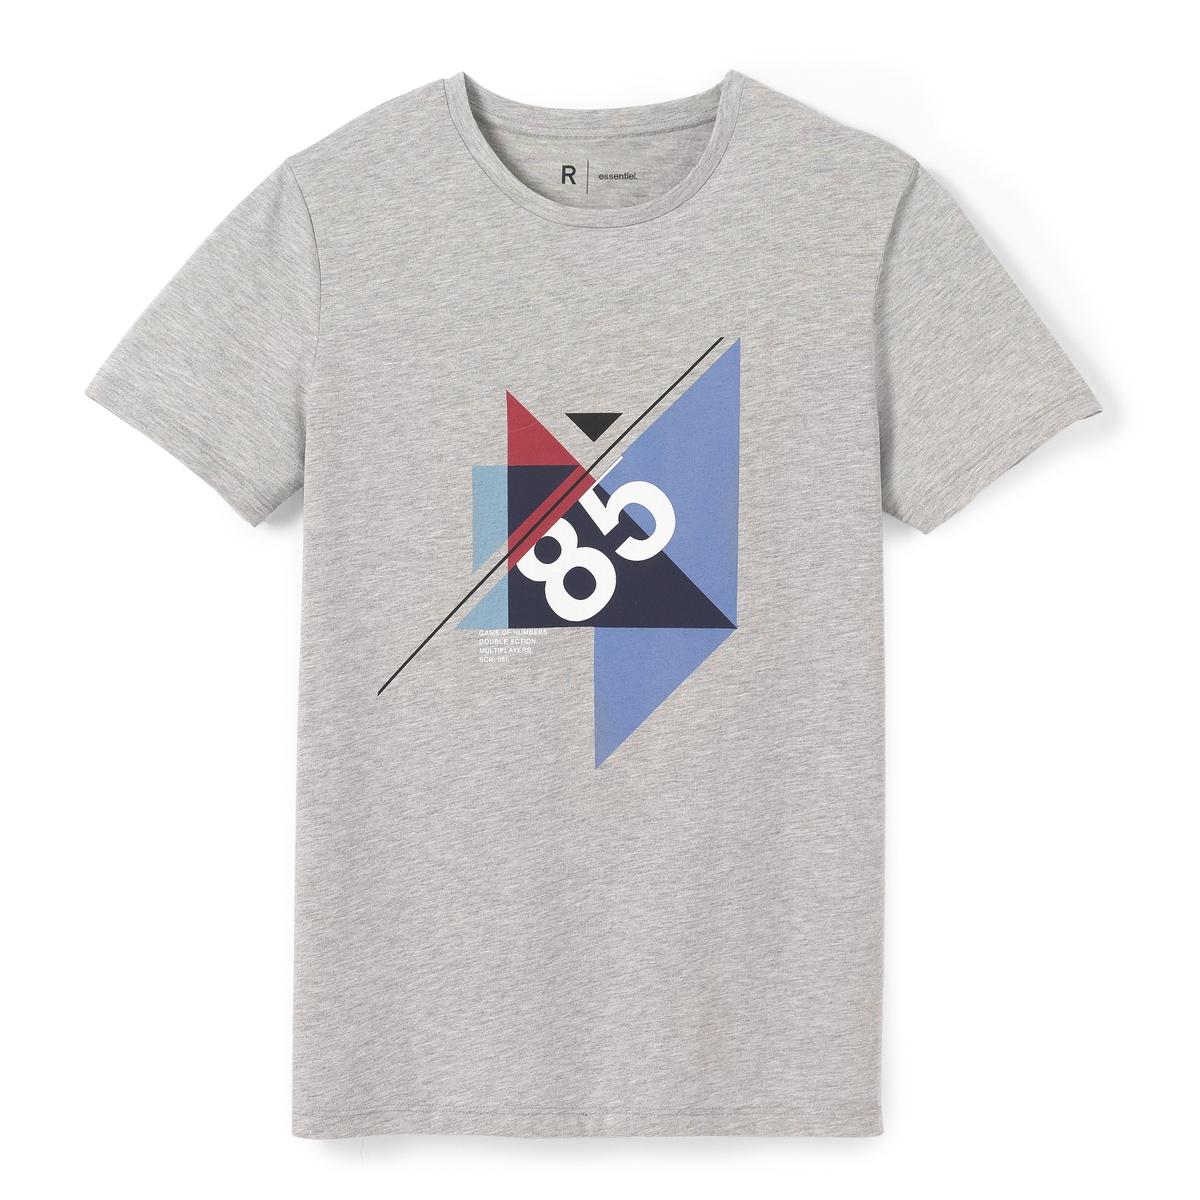 T-shirt com gola redonda, estampado gráfico